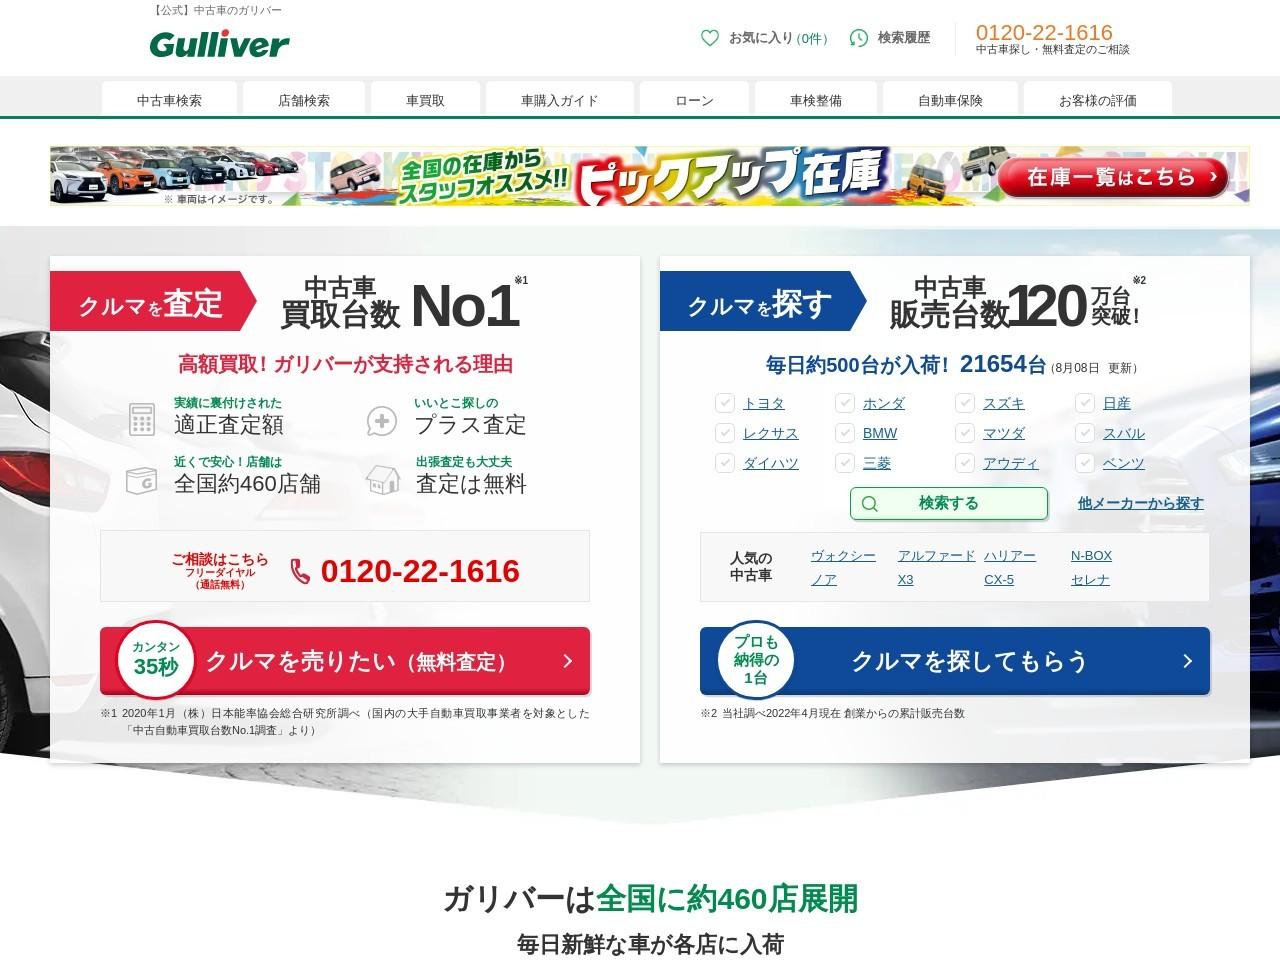 2019年 安全な車ランキング【国産セダン編】